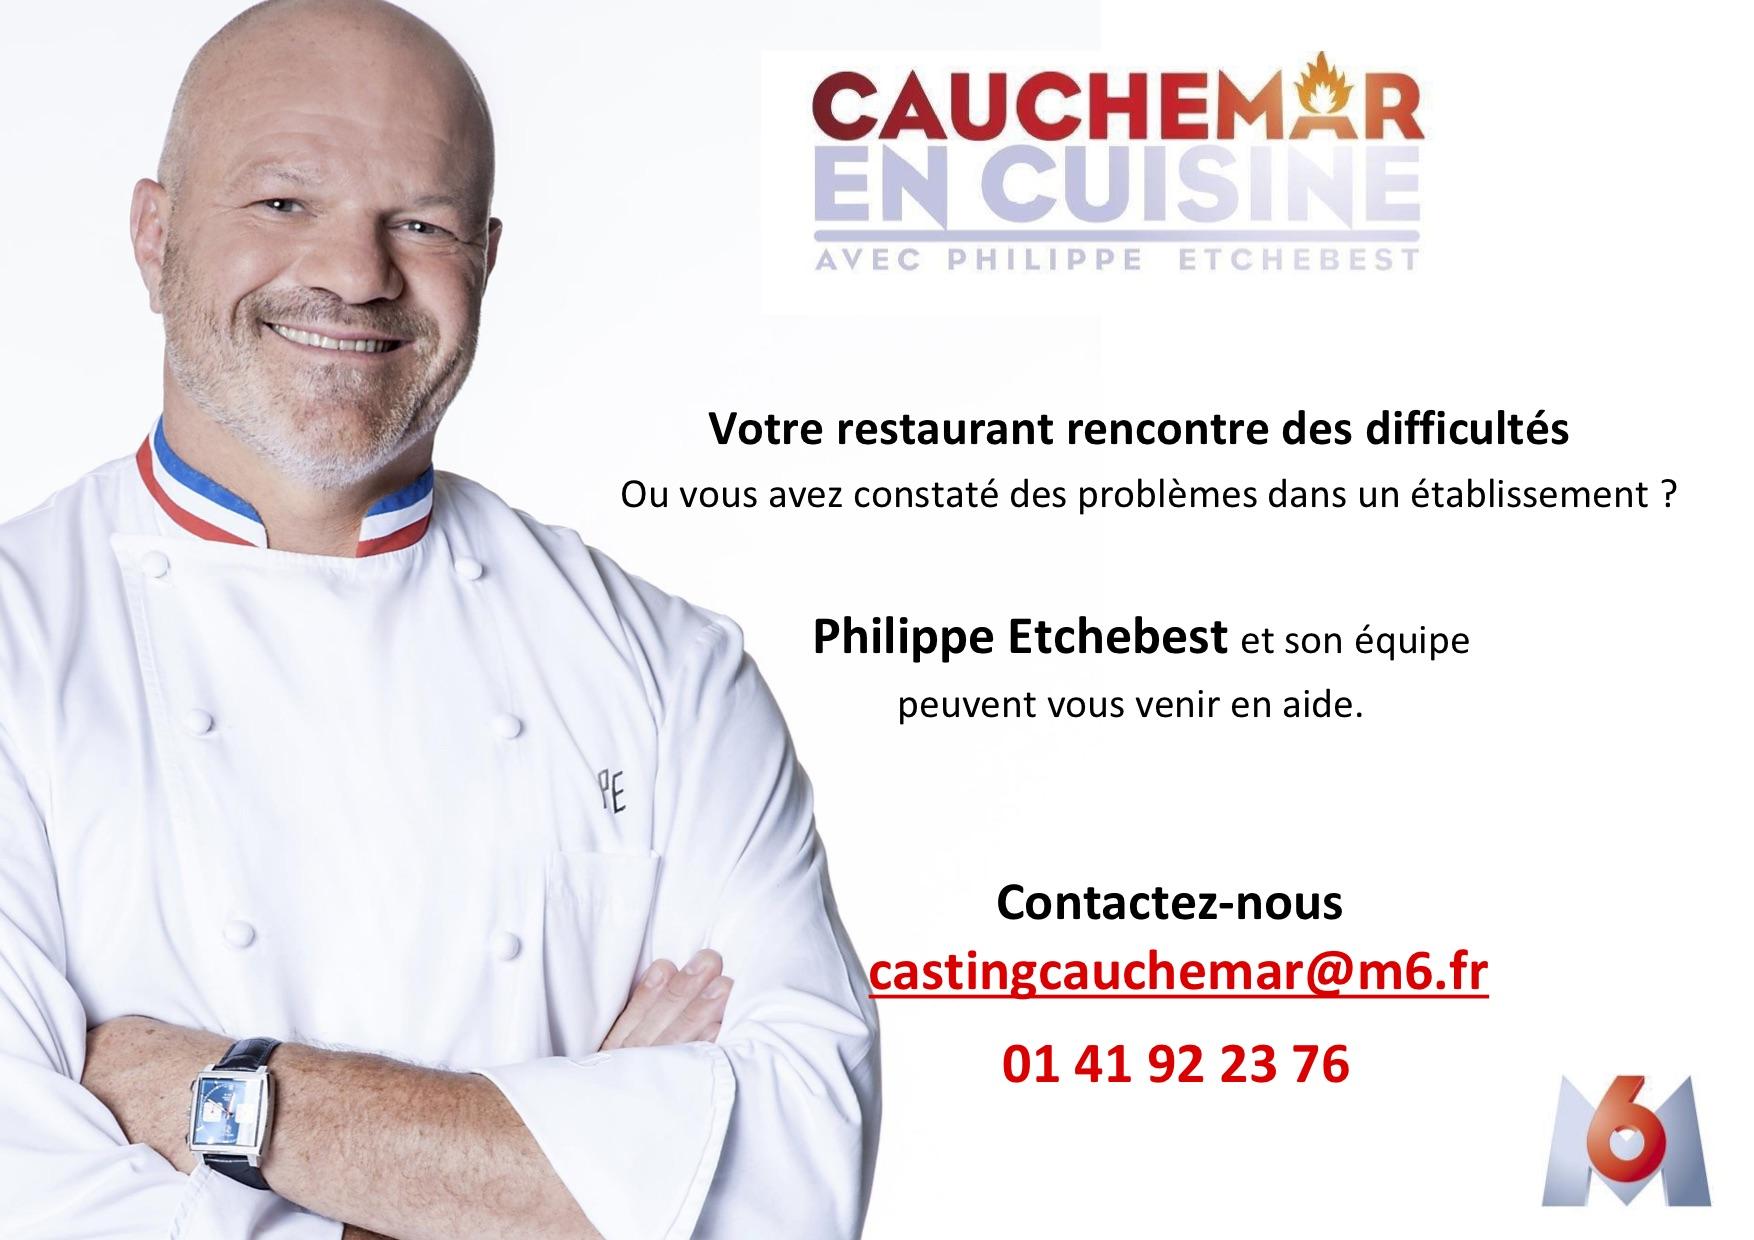 Cauchemar en cuisine cherche des candidats en Corse